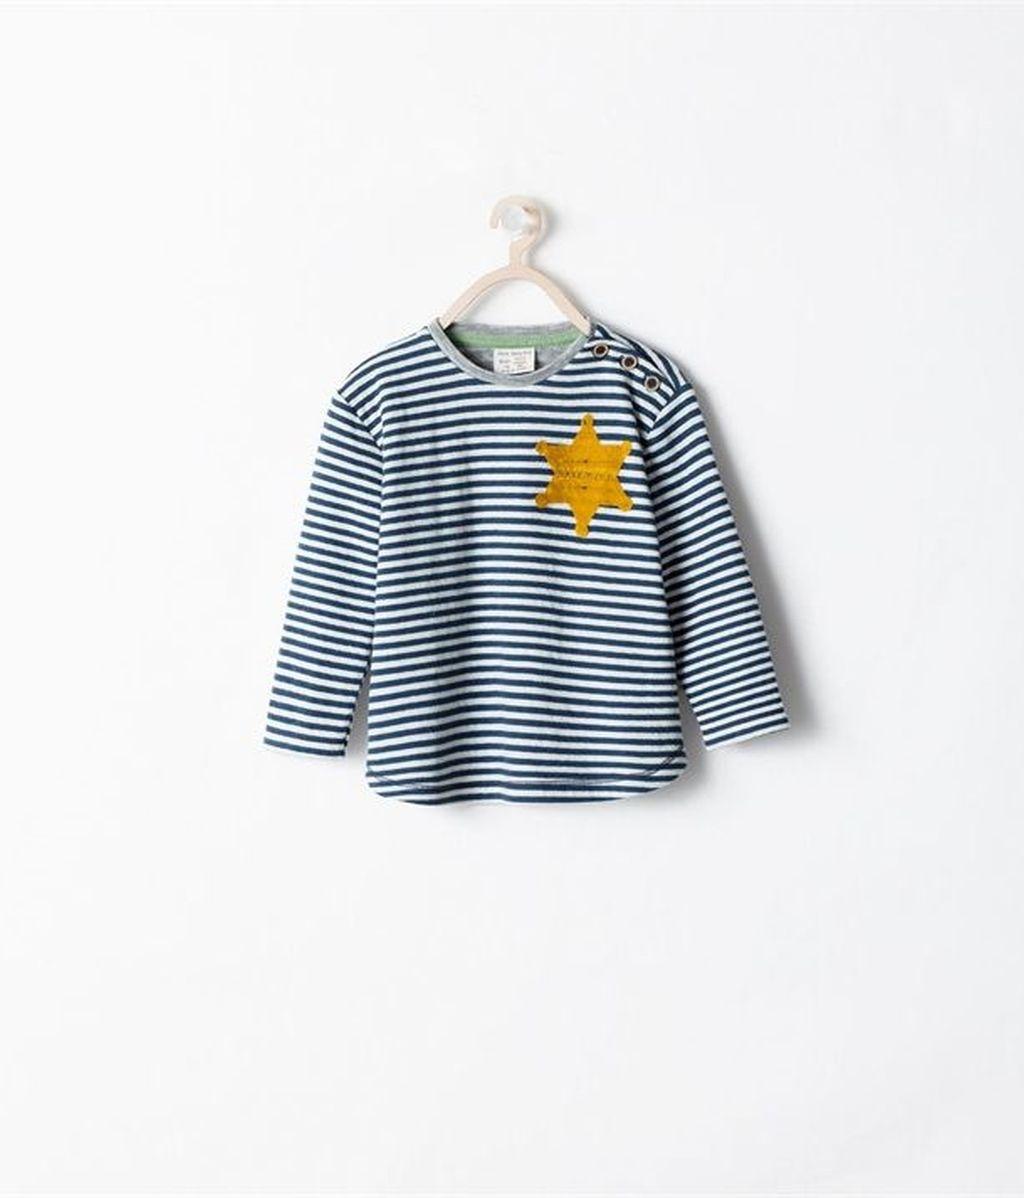 Zara retira una camiseta por su parecido con el atuendo en los campos de concentración